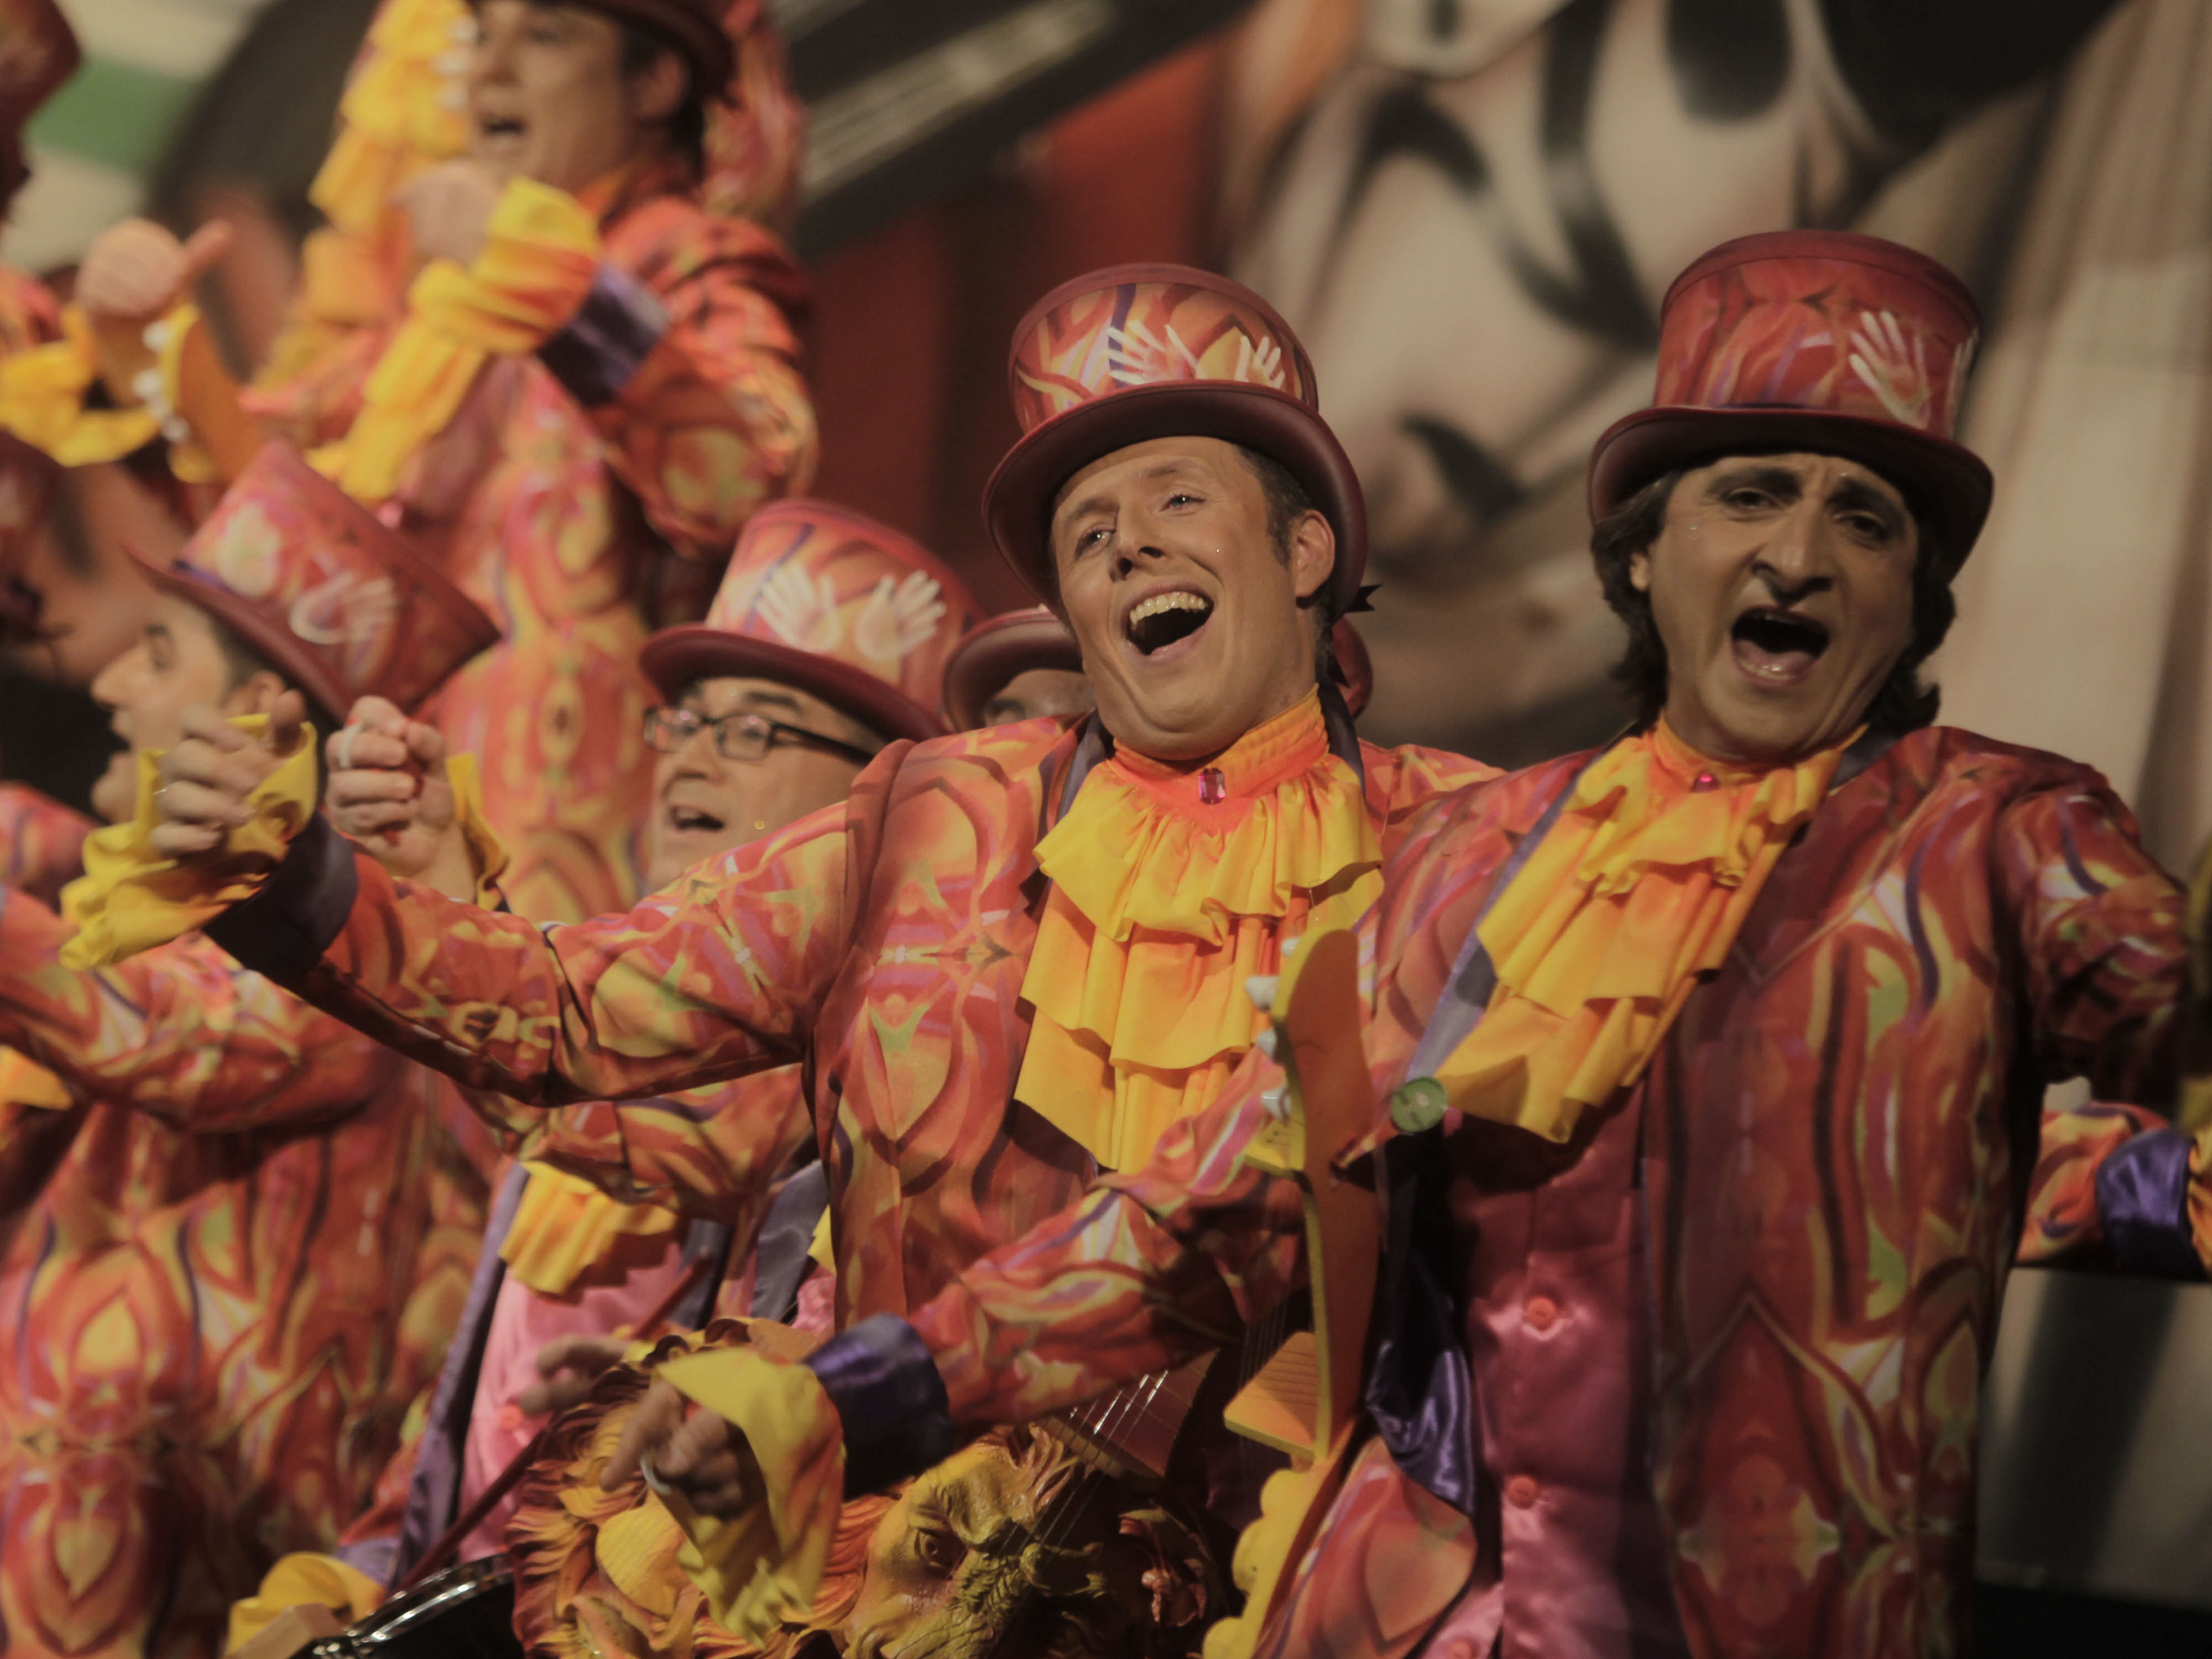 El coro de Nandi Migueles no estará en el Concurso de 2017